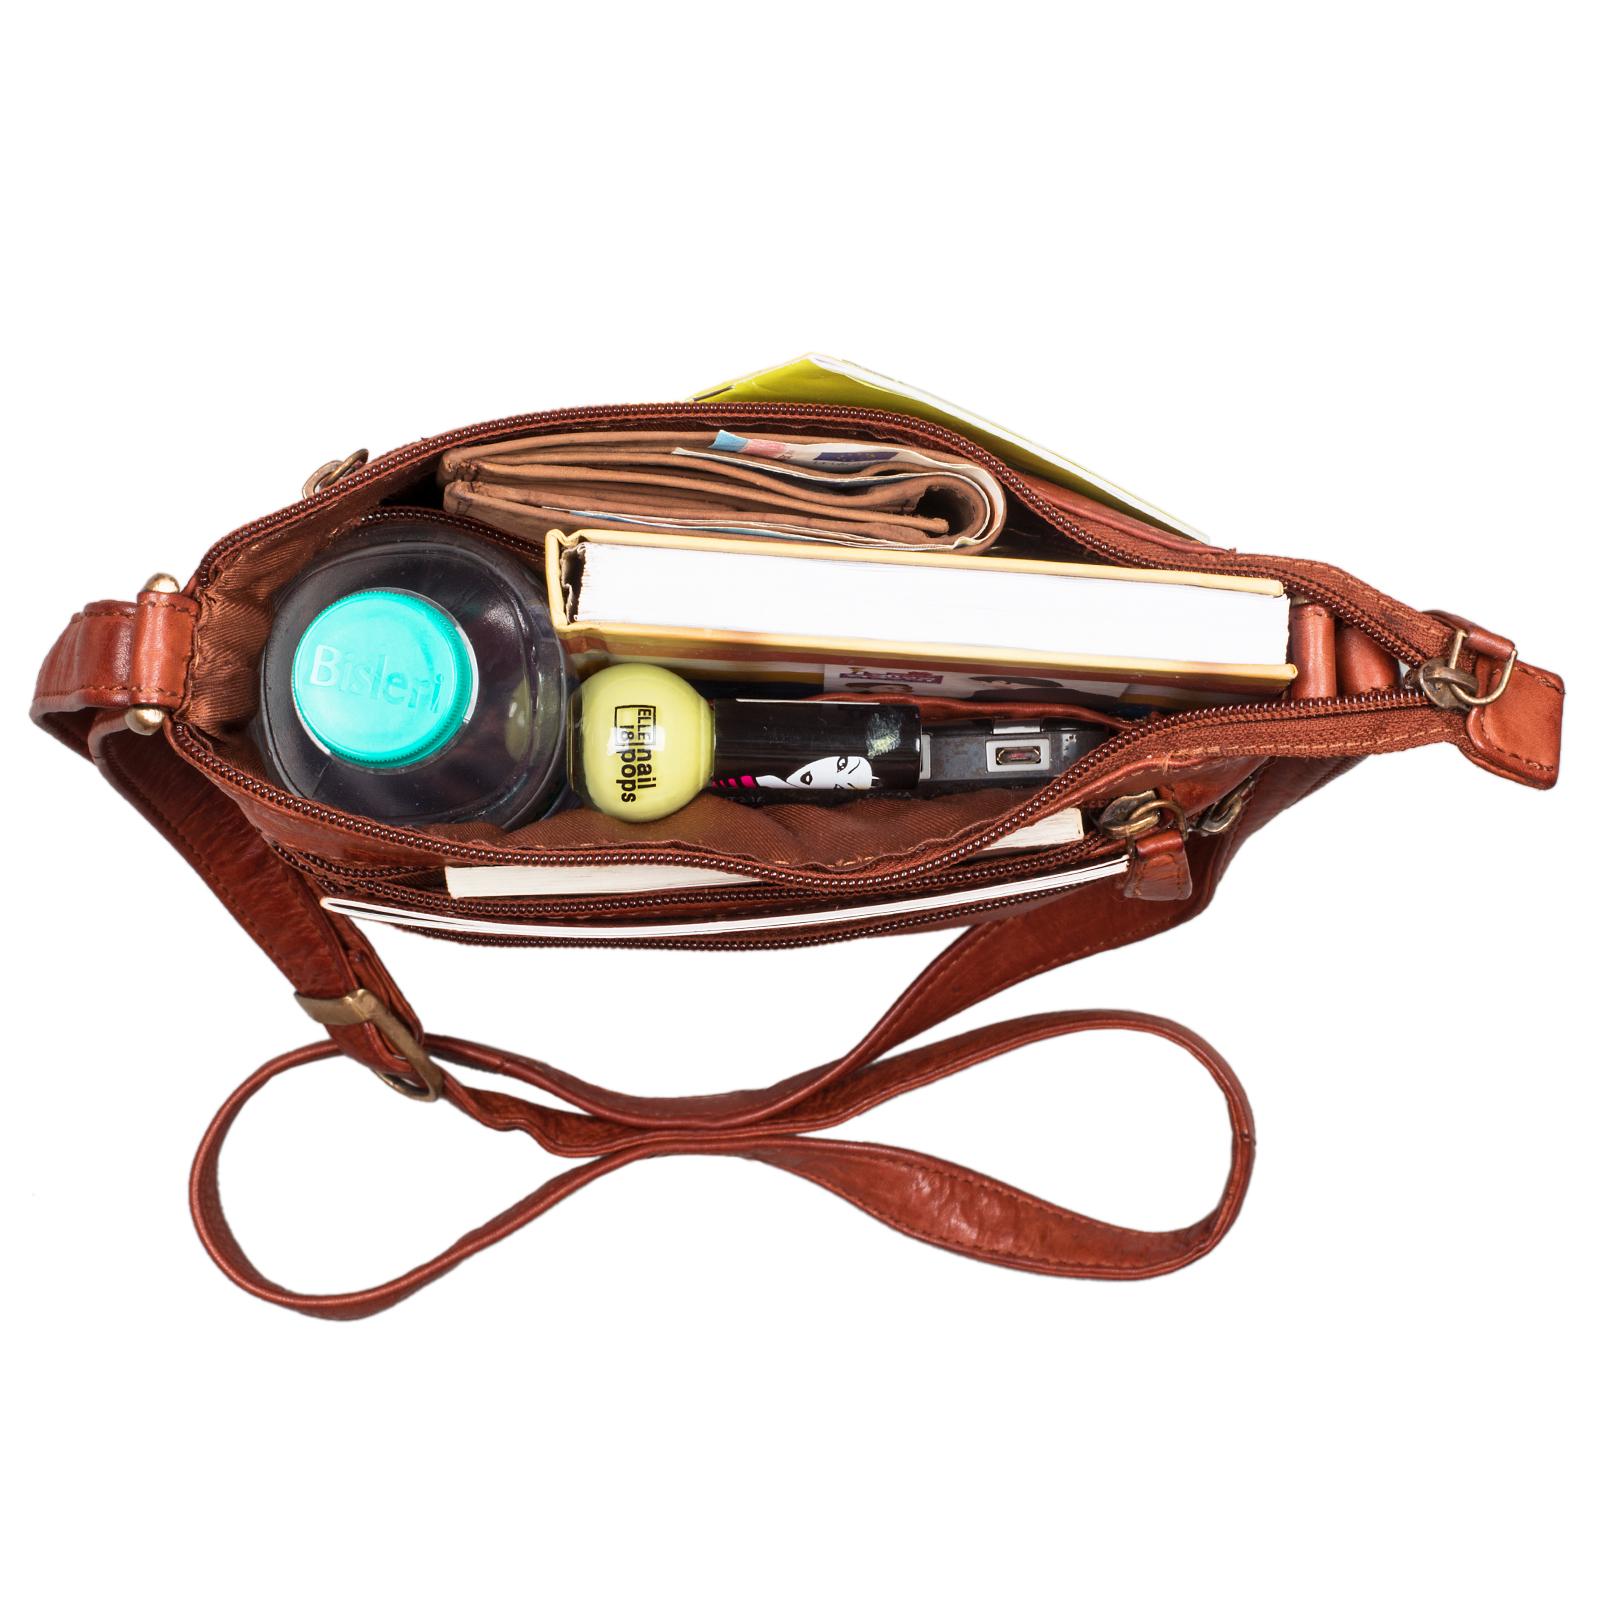 """STILORD """"Juna"""" Damen Umhängetasche Leder braun Handtasche kleine Schultertasche Vintage Damentasche Ausgehtasche für Freizeit Party 9,7 Zoll Tablet iPad Echtleder - Bild 5"""